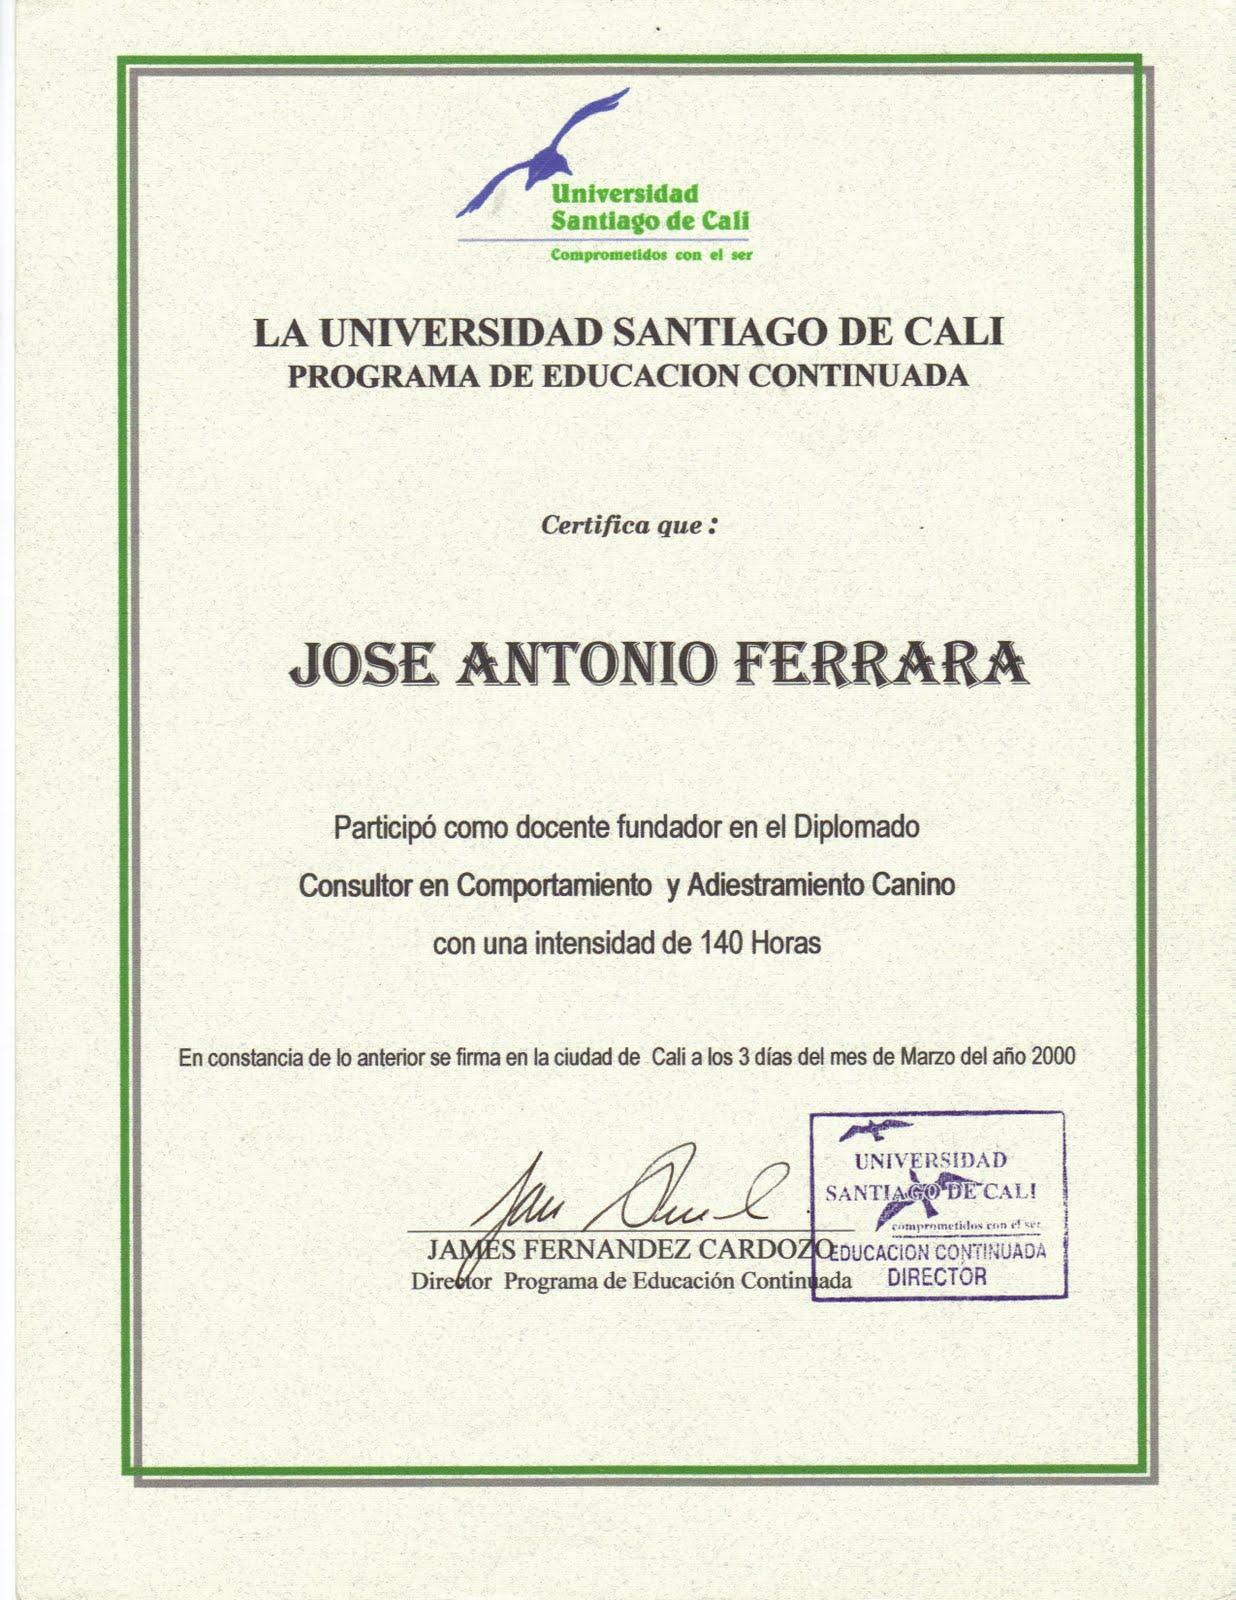 la universidad santiago de cali: